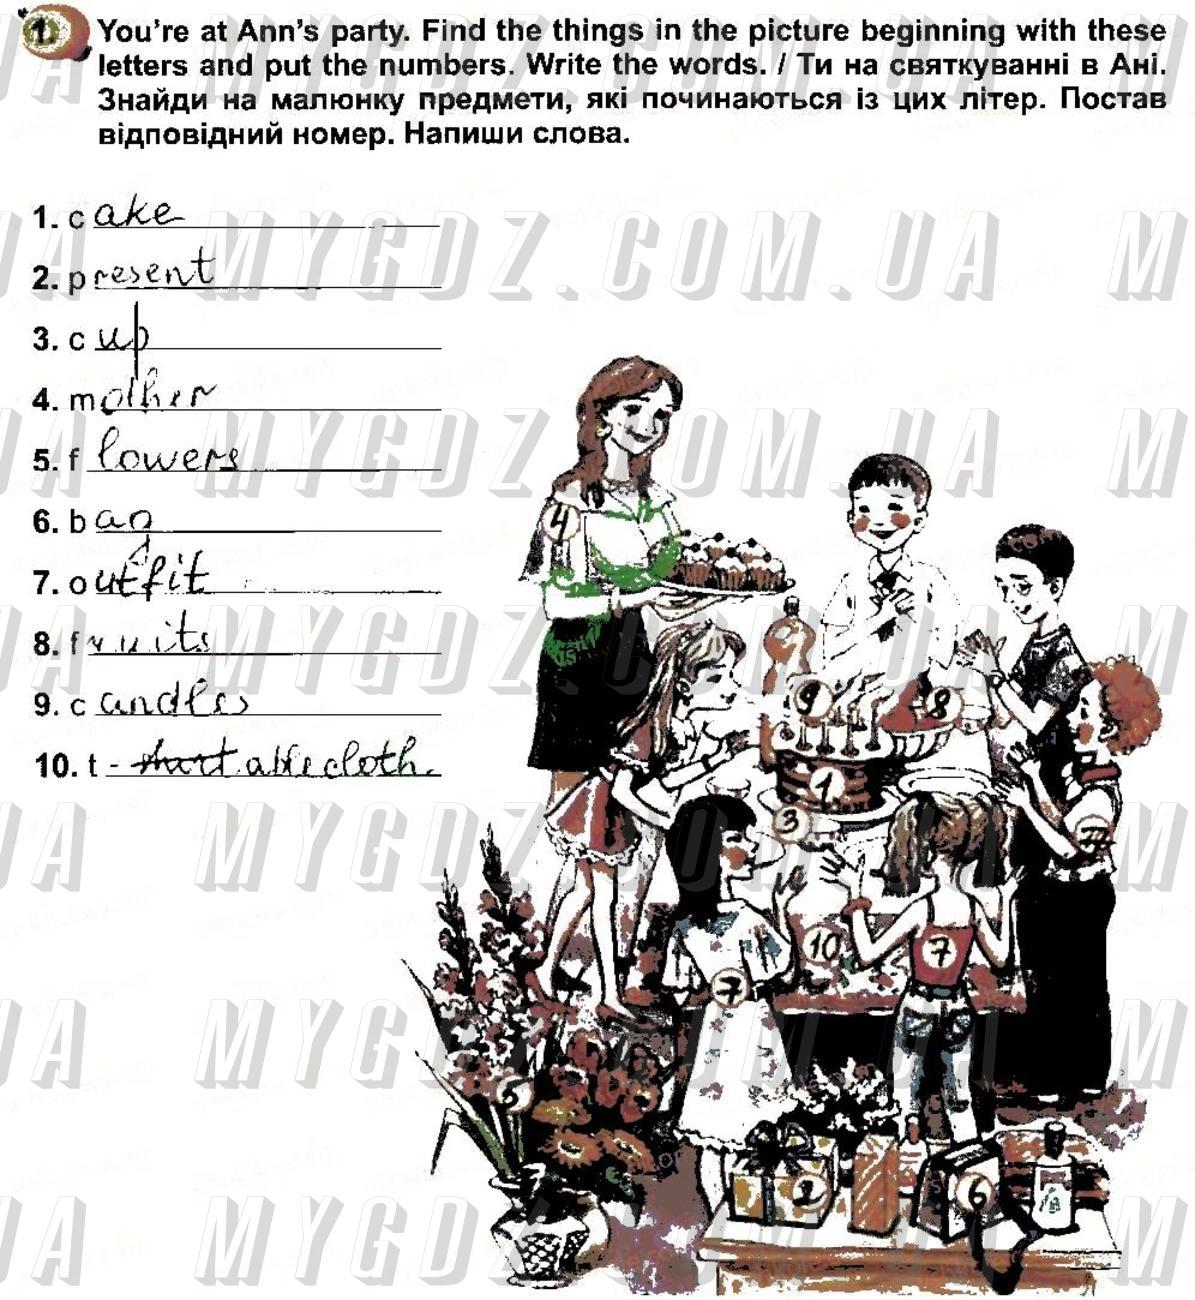 ГДЗ номер 1 до робочого зошита з англійської мови Несвіт 3 клас